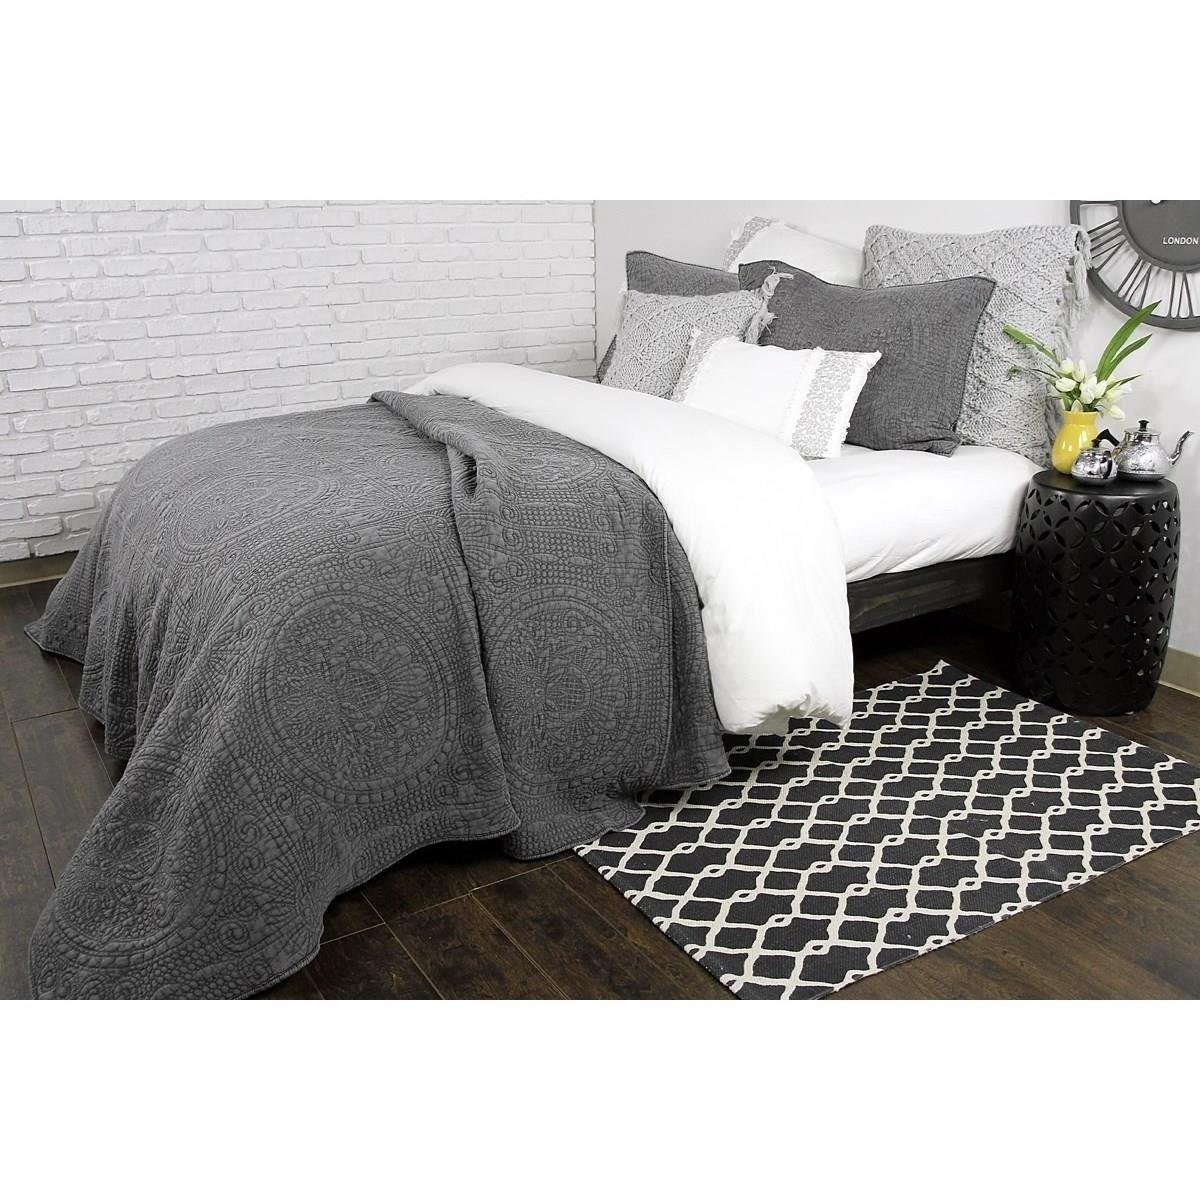 Bedding Lismore King 4 Piece Set at Stoney Creek Furniture